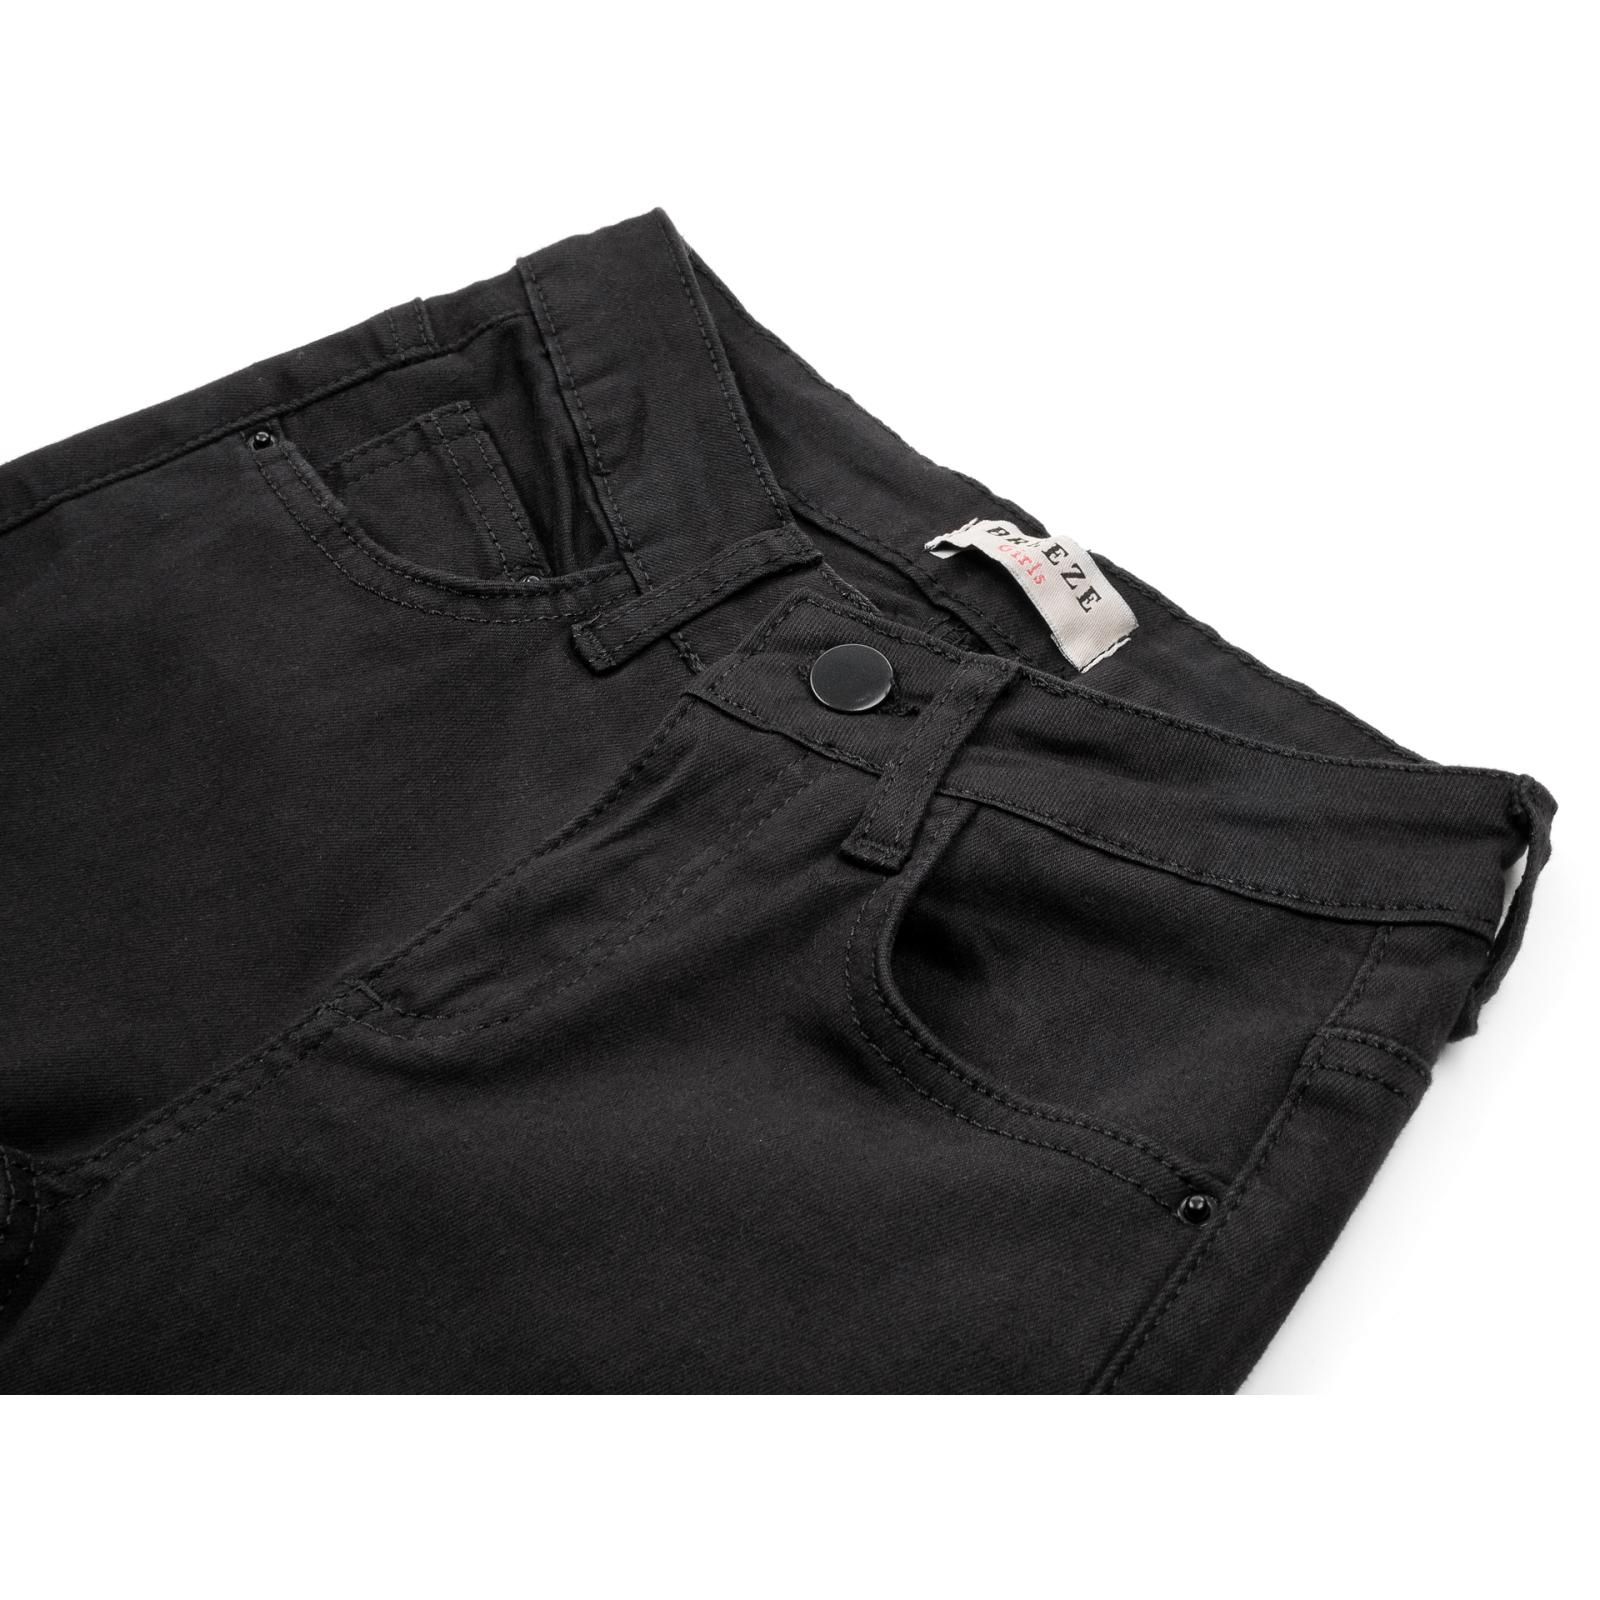 Штаны детские Breeze джинсовые зауженные (13212-146G-black) изображение 3